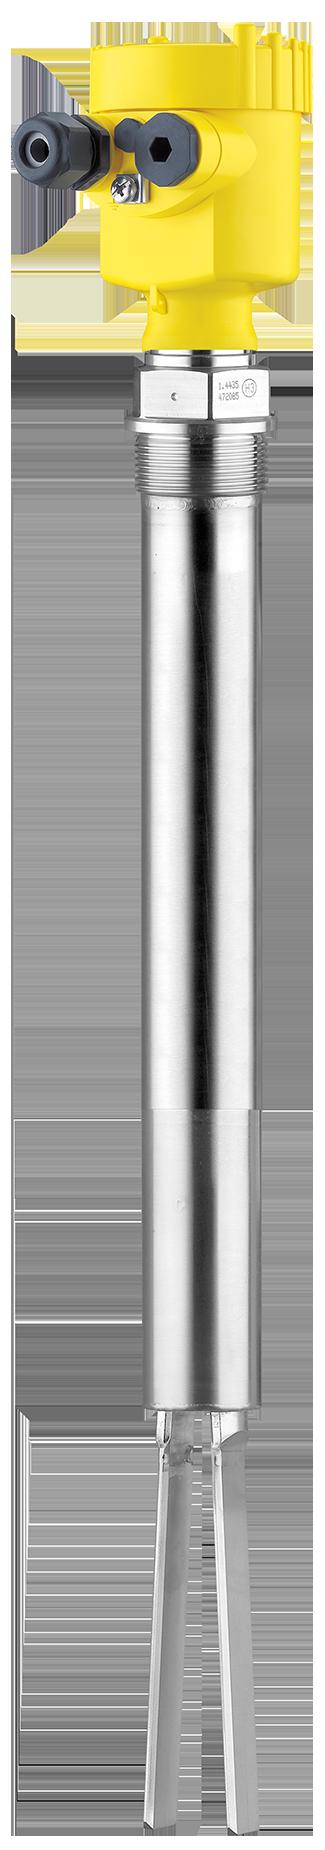 VEGAWAVE 63 Vibrationsgrenzschalter für pulverförmige Schüttgüter mit Rohrverlängerung